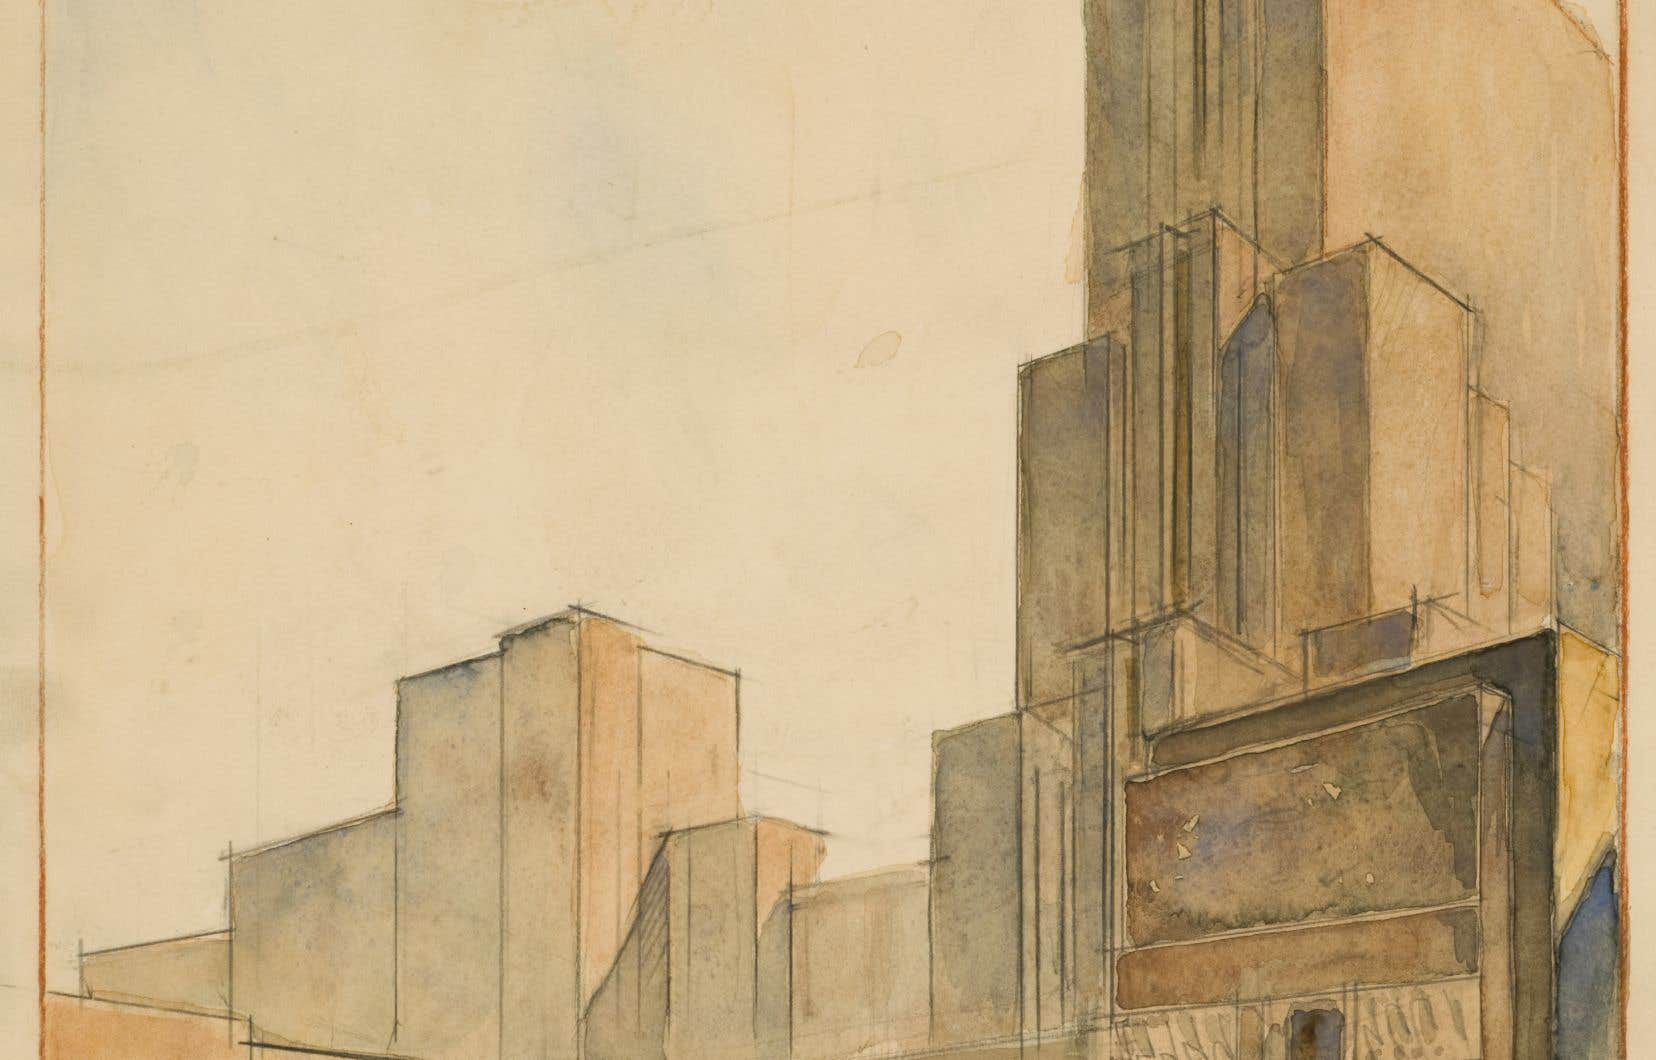 Boris Iofan. Projet pour le concours du Commissariat du peuple à l'industrie lourde (NKTP), Moscou, 1935. Centre canadien d'architecture.